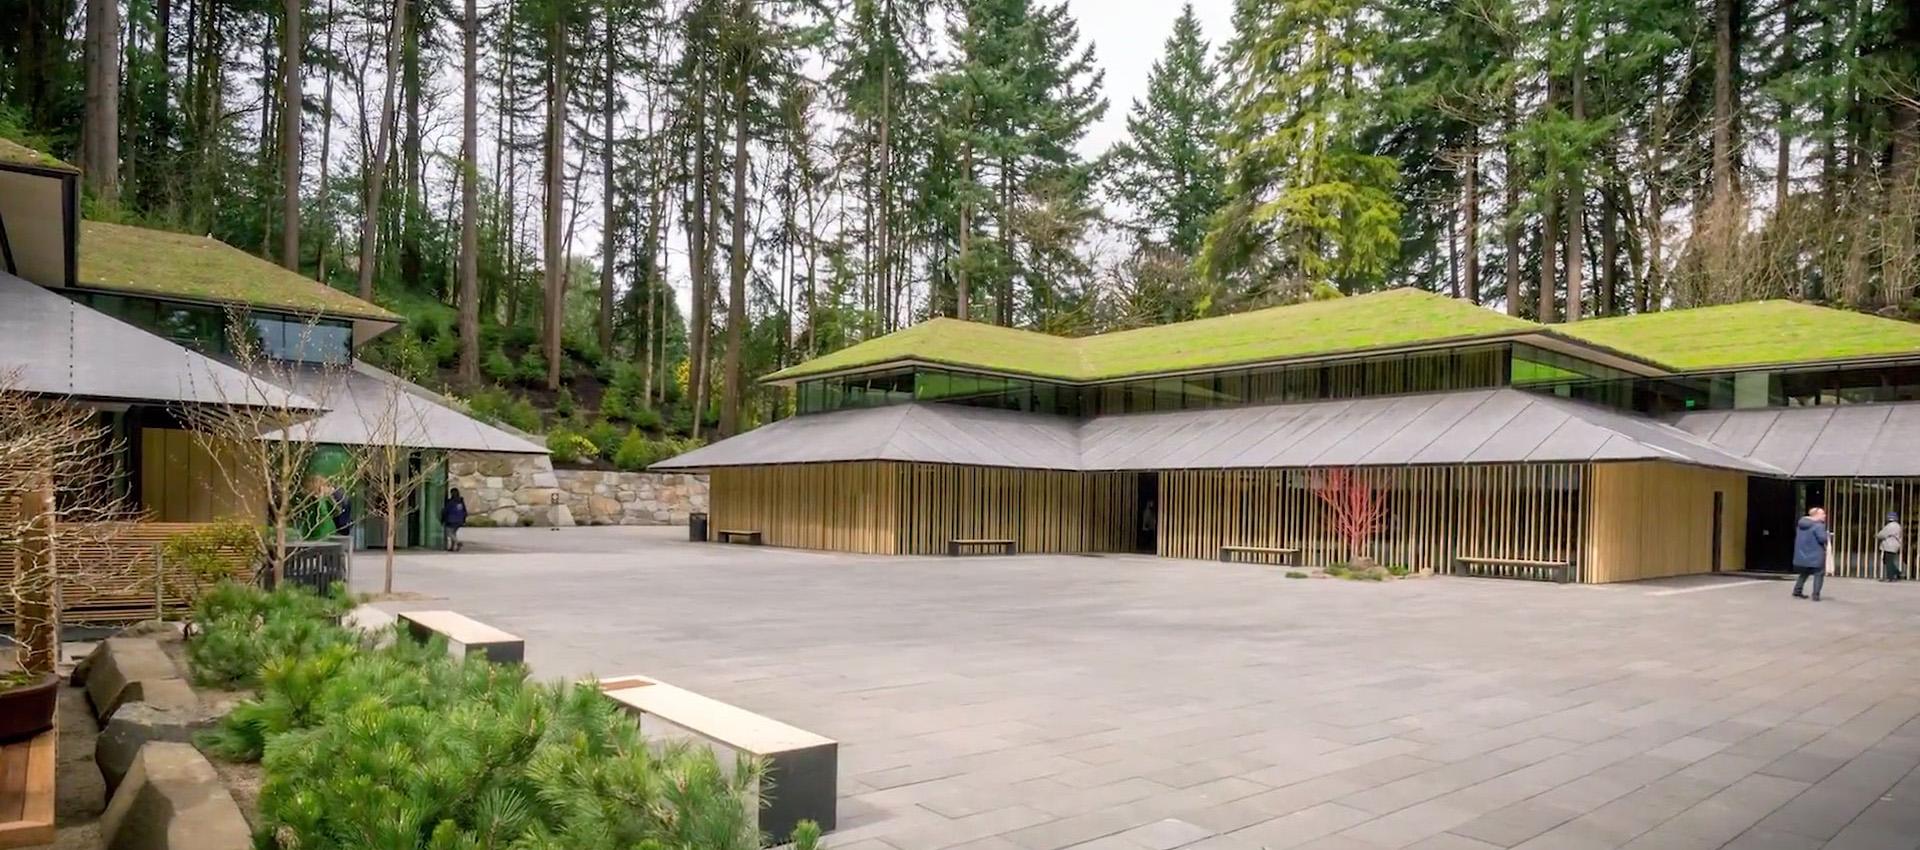 Ampliación del Jardín Japonés de Portland por Kengo Kuma. Fotografía por Bruce Foster